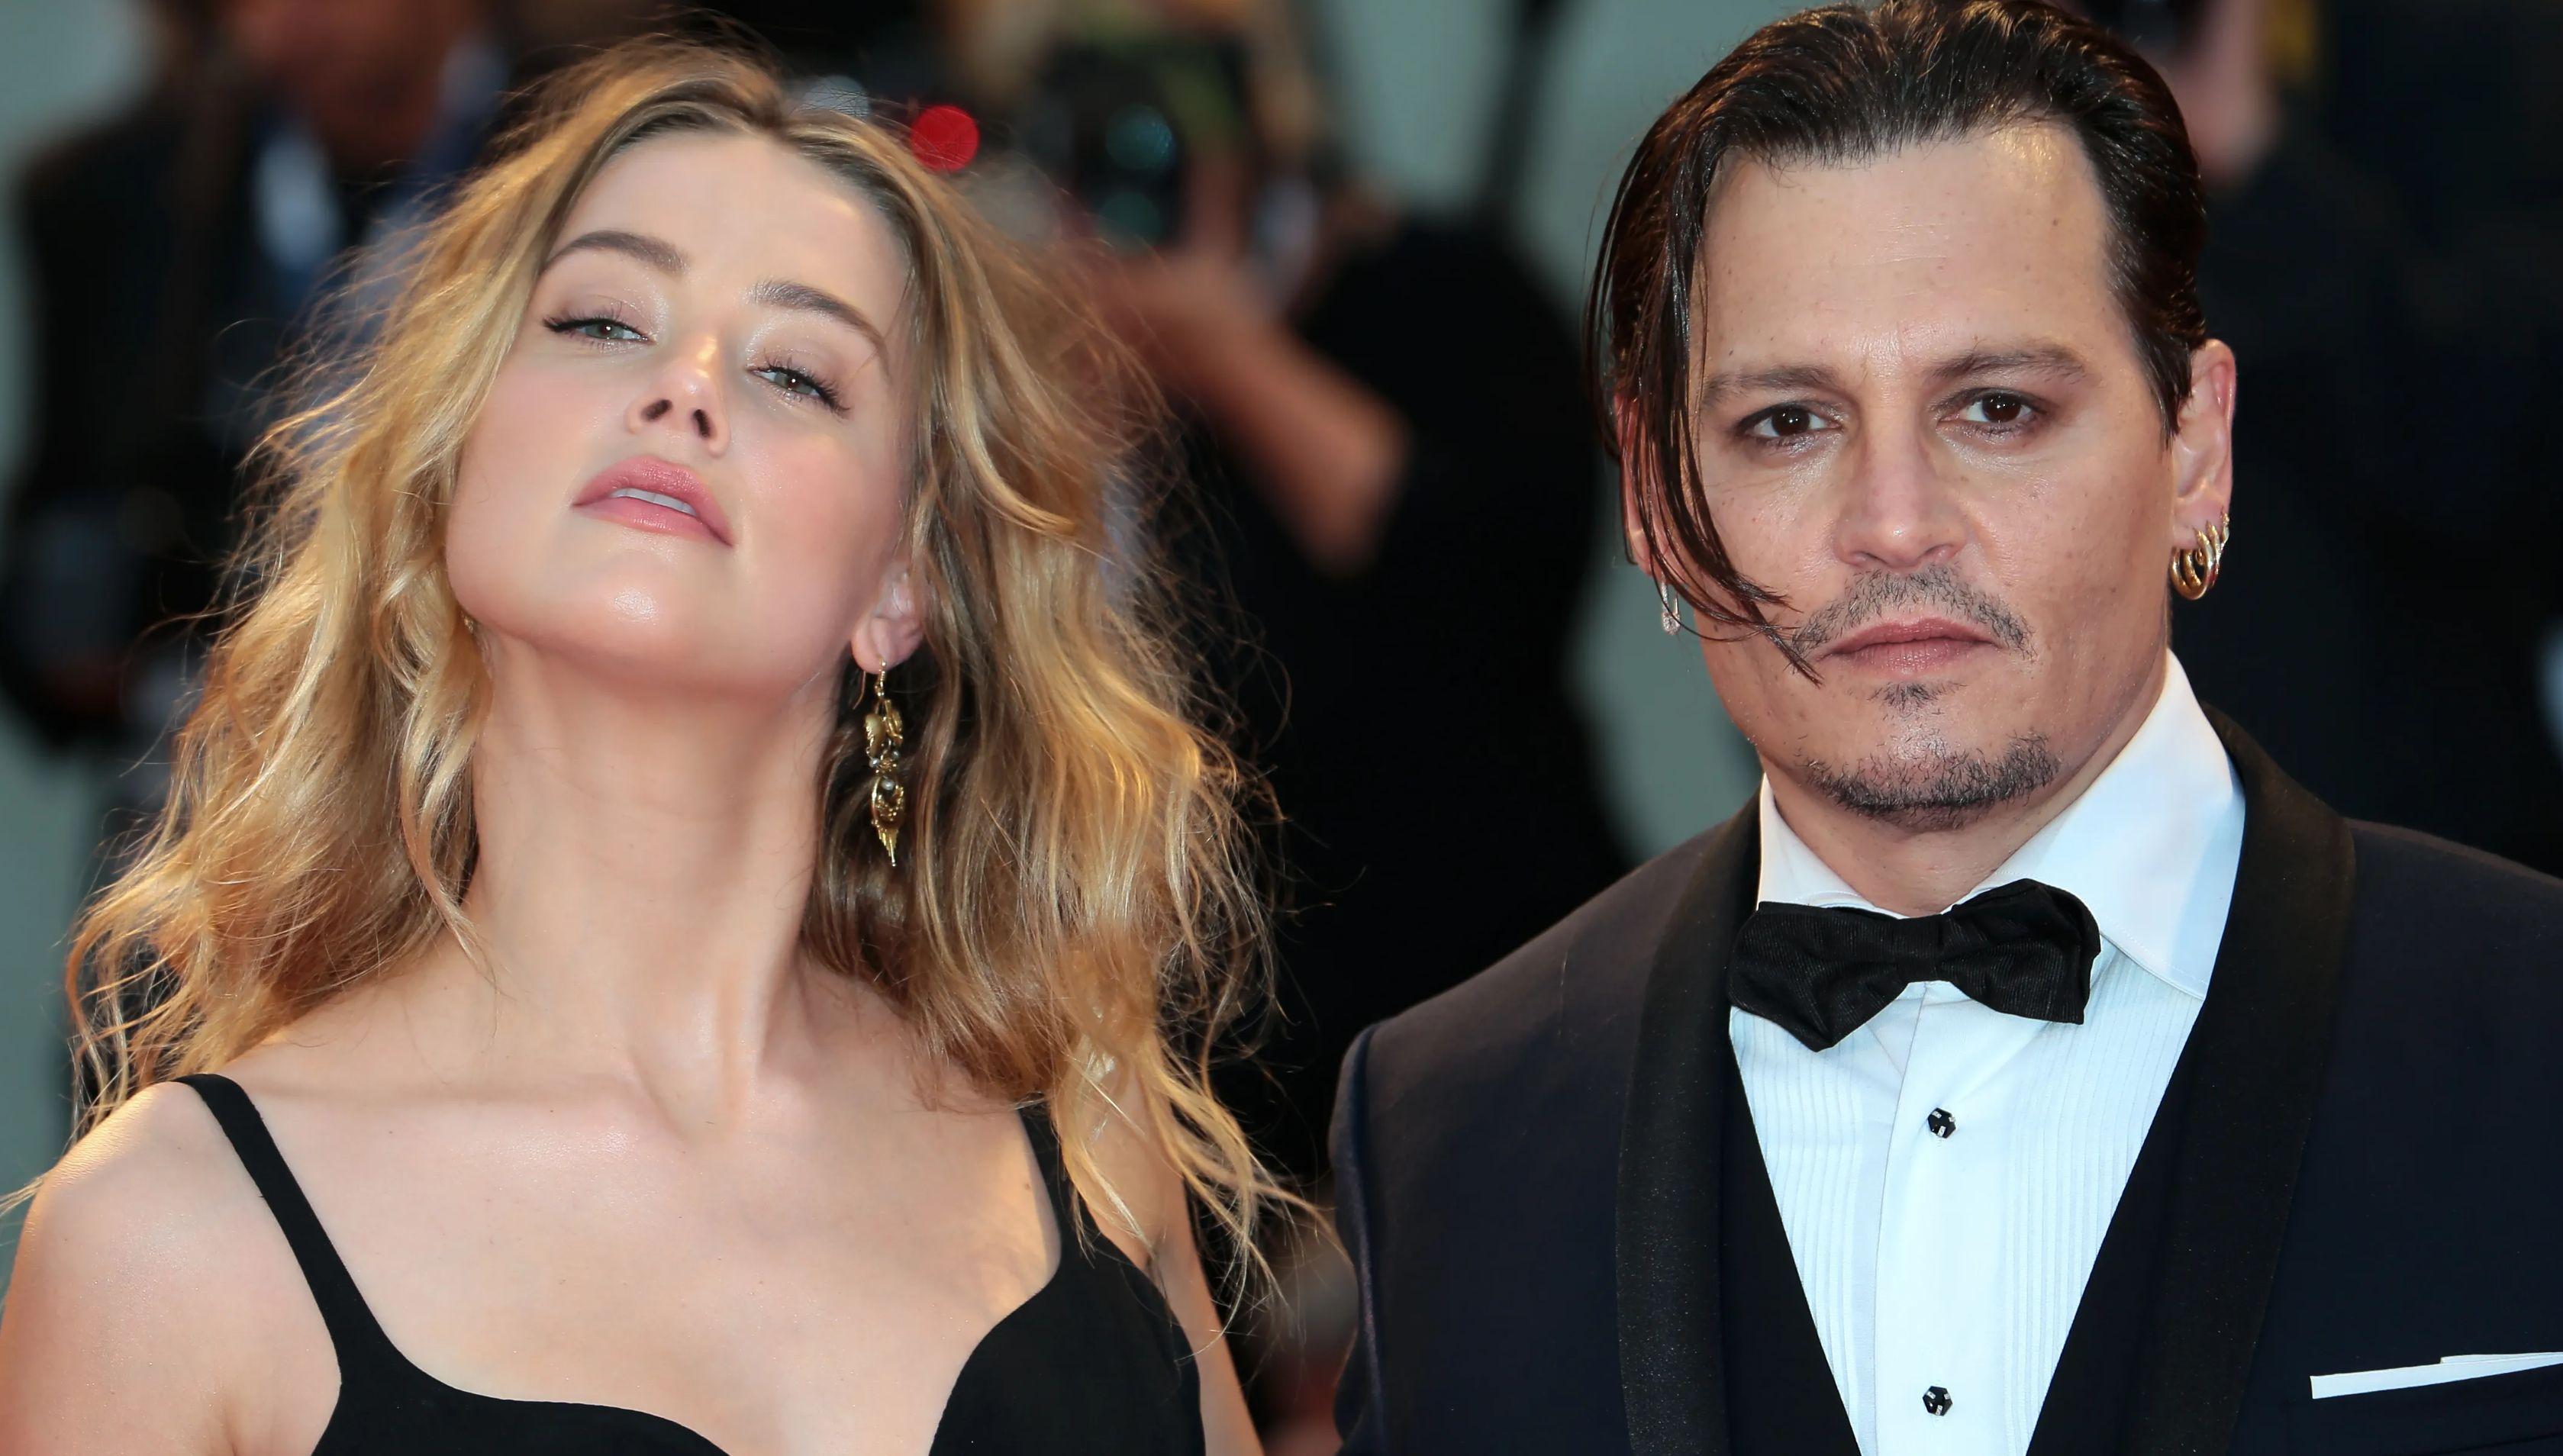 Amber Heard & Johnny Depp, in happier times?